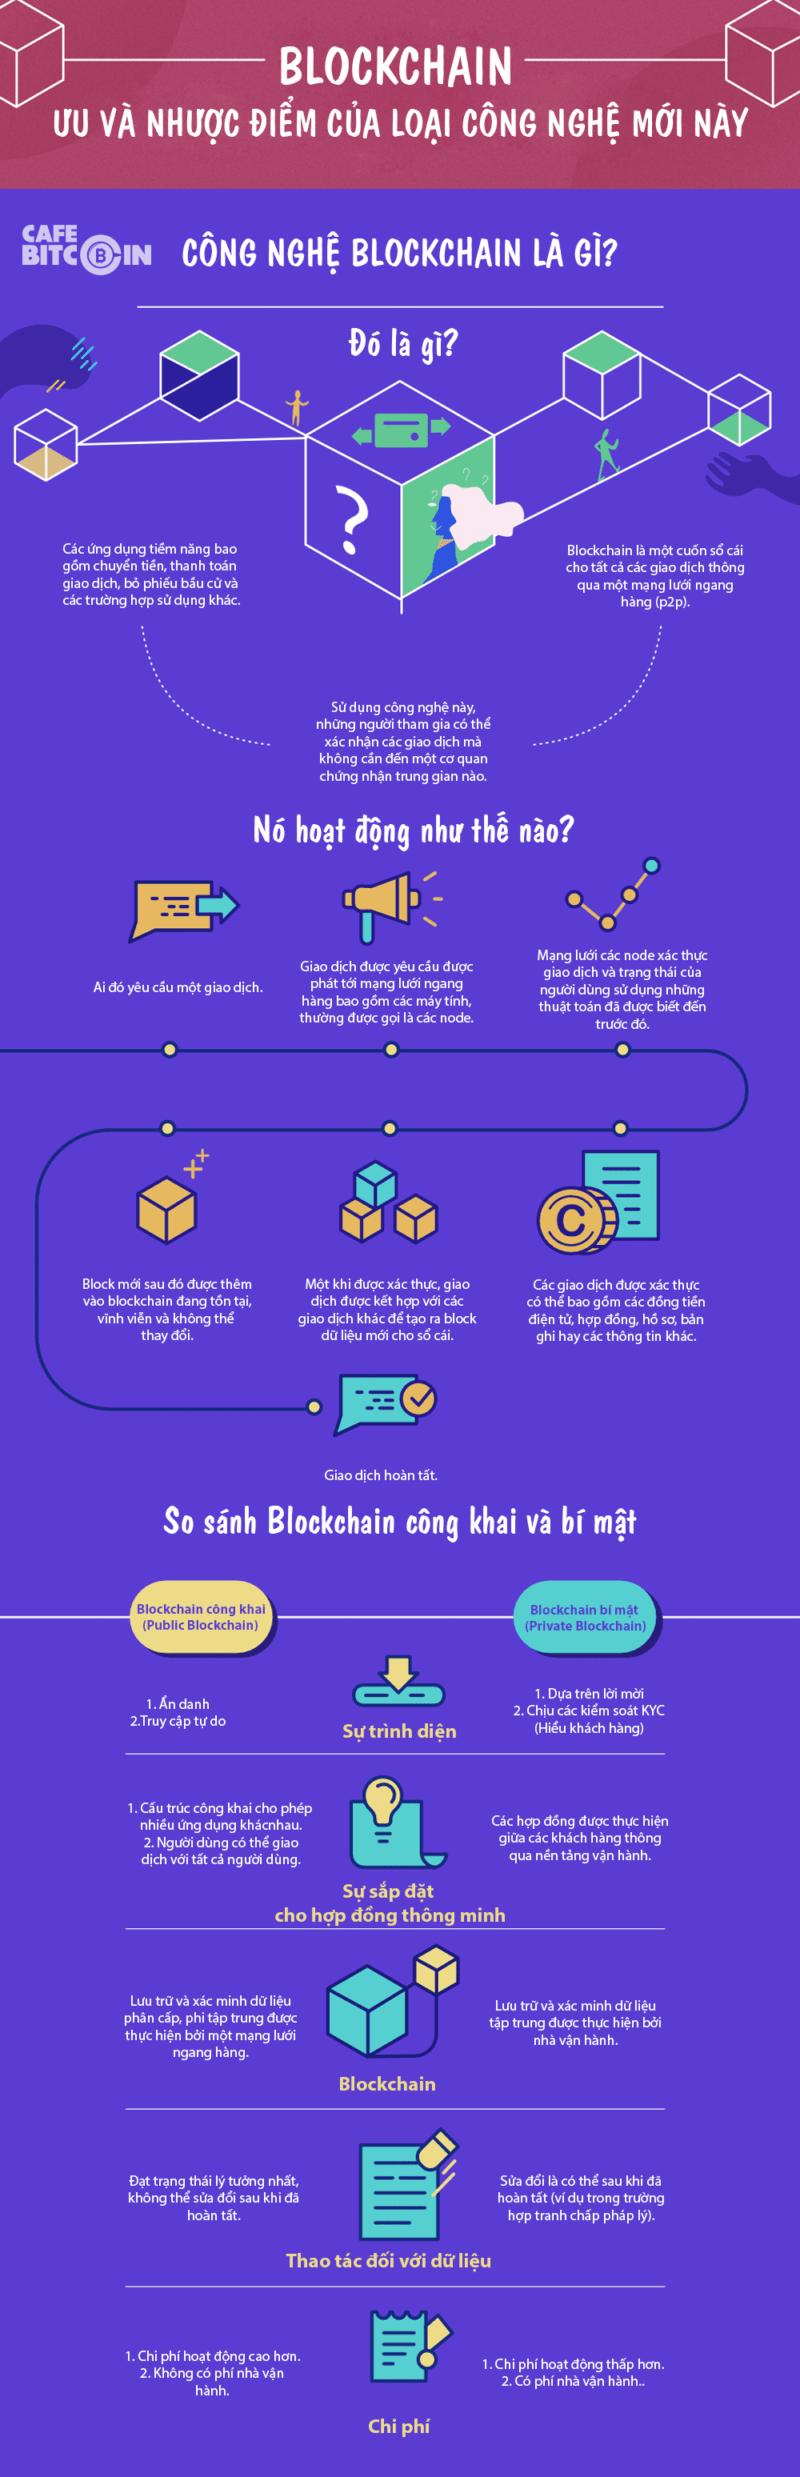 Blockchain là gì? Các công nghệ ứng dụng Blockchain